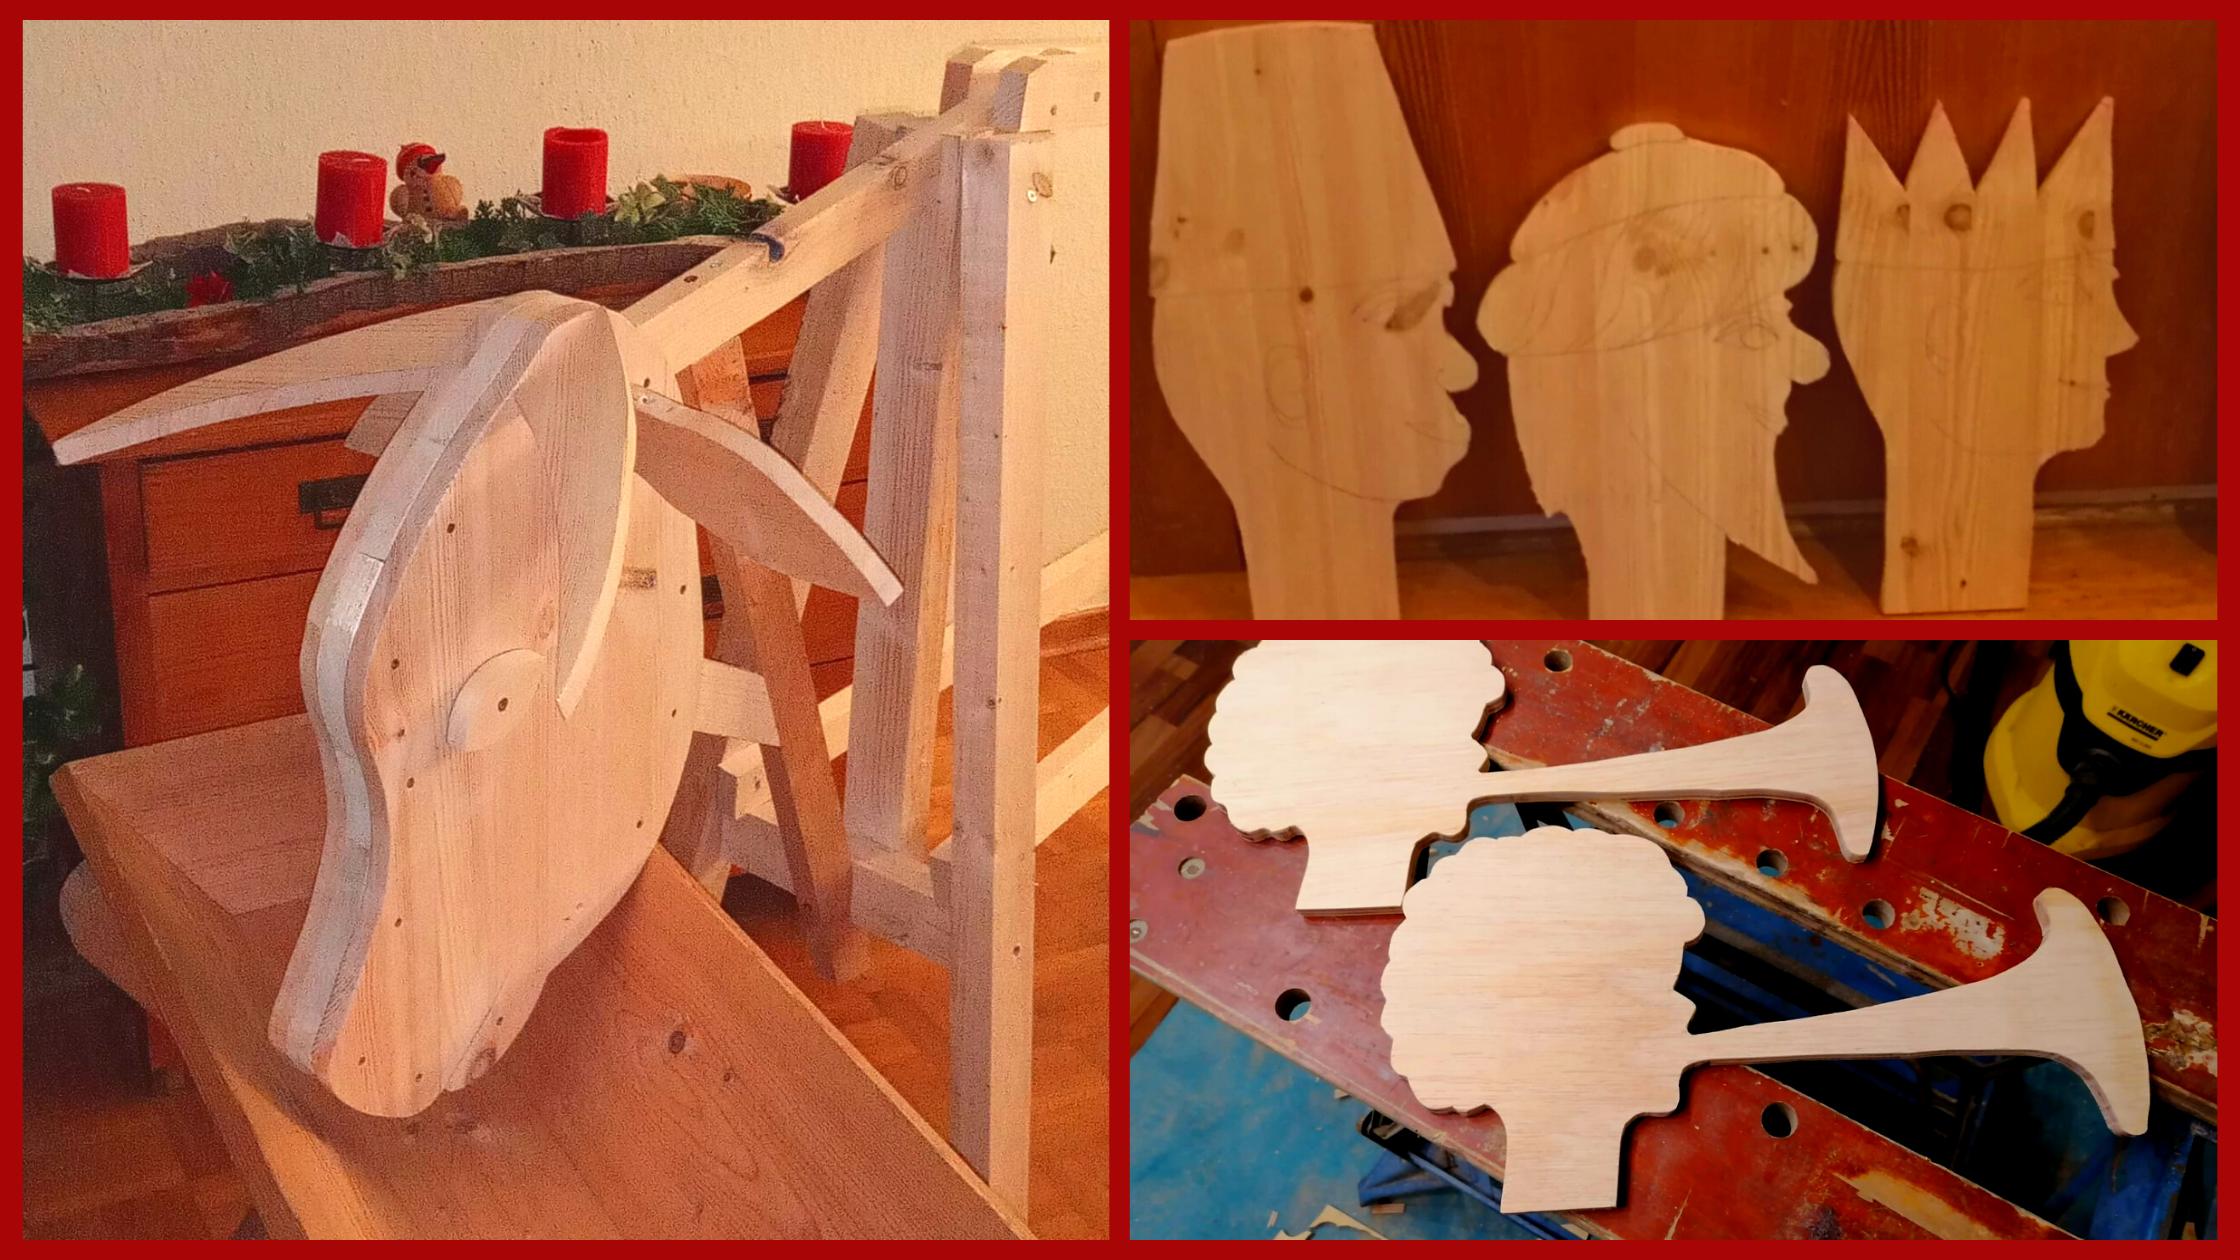 Rollende Weihnacht 2020 Lahnau Ochs, Engel und heilige drei Könige aus Holz geschnitzt